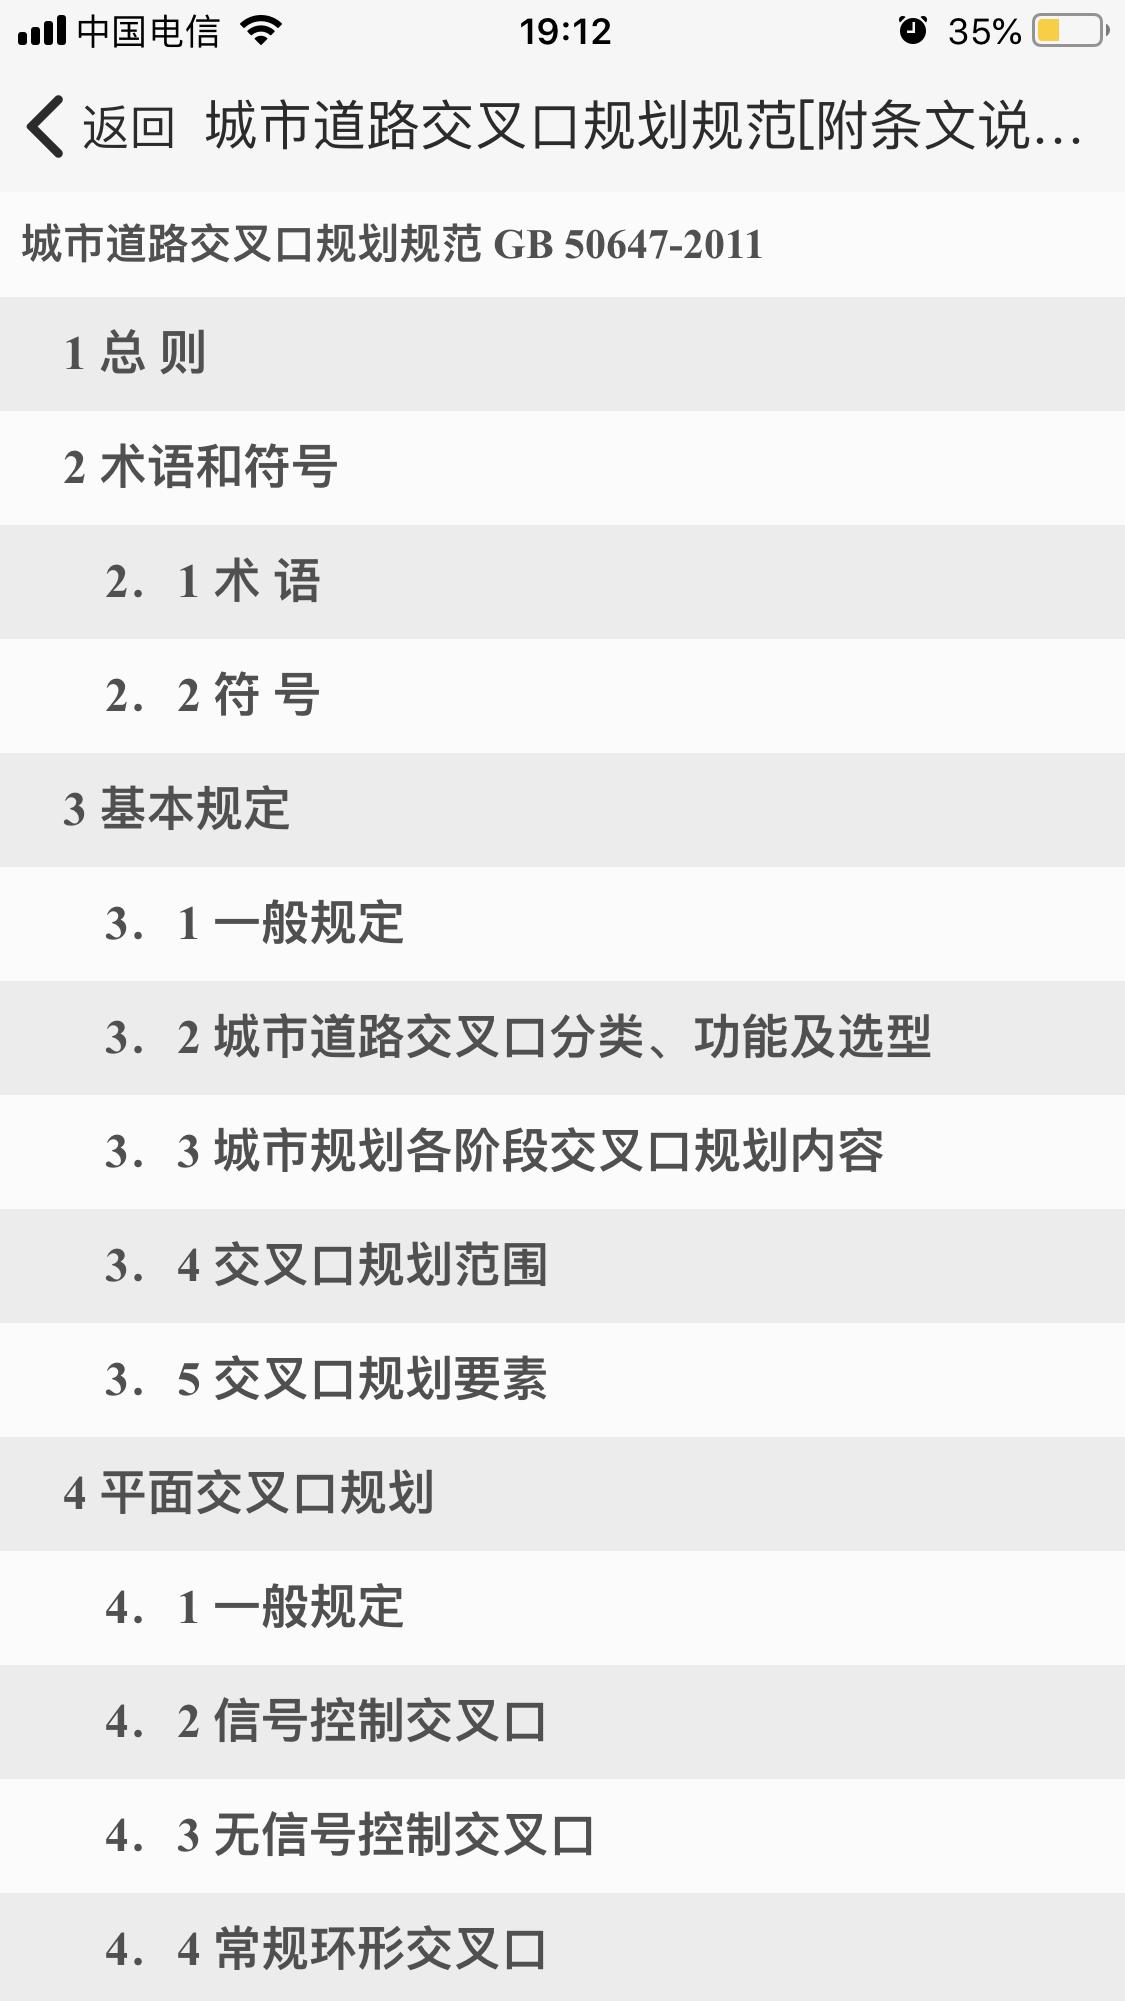 ★★★工程设计施工规范大全电子版几千套【最新至2019】下载